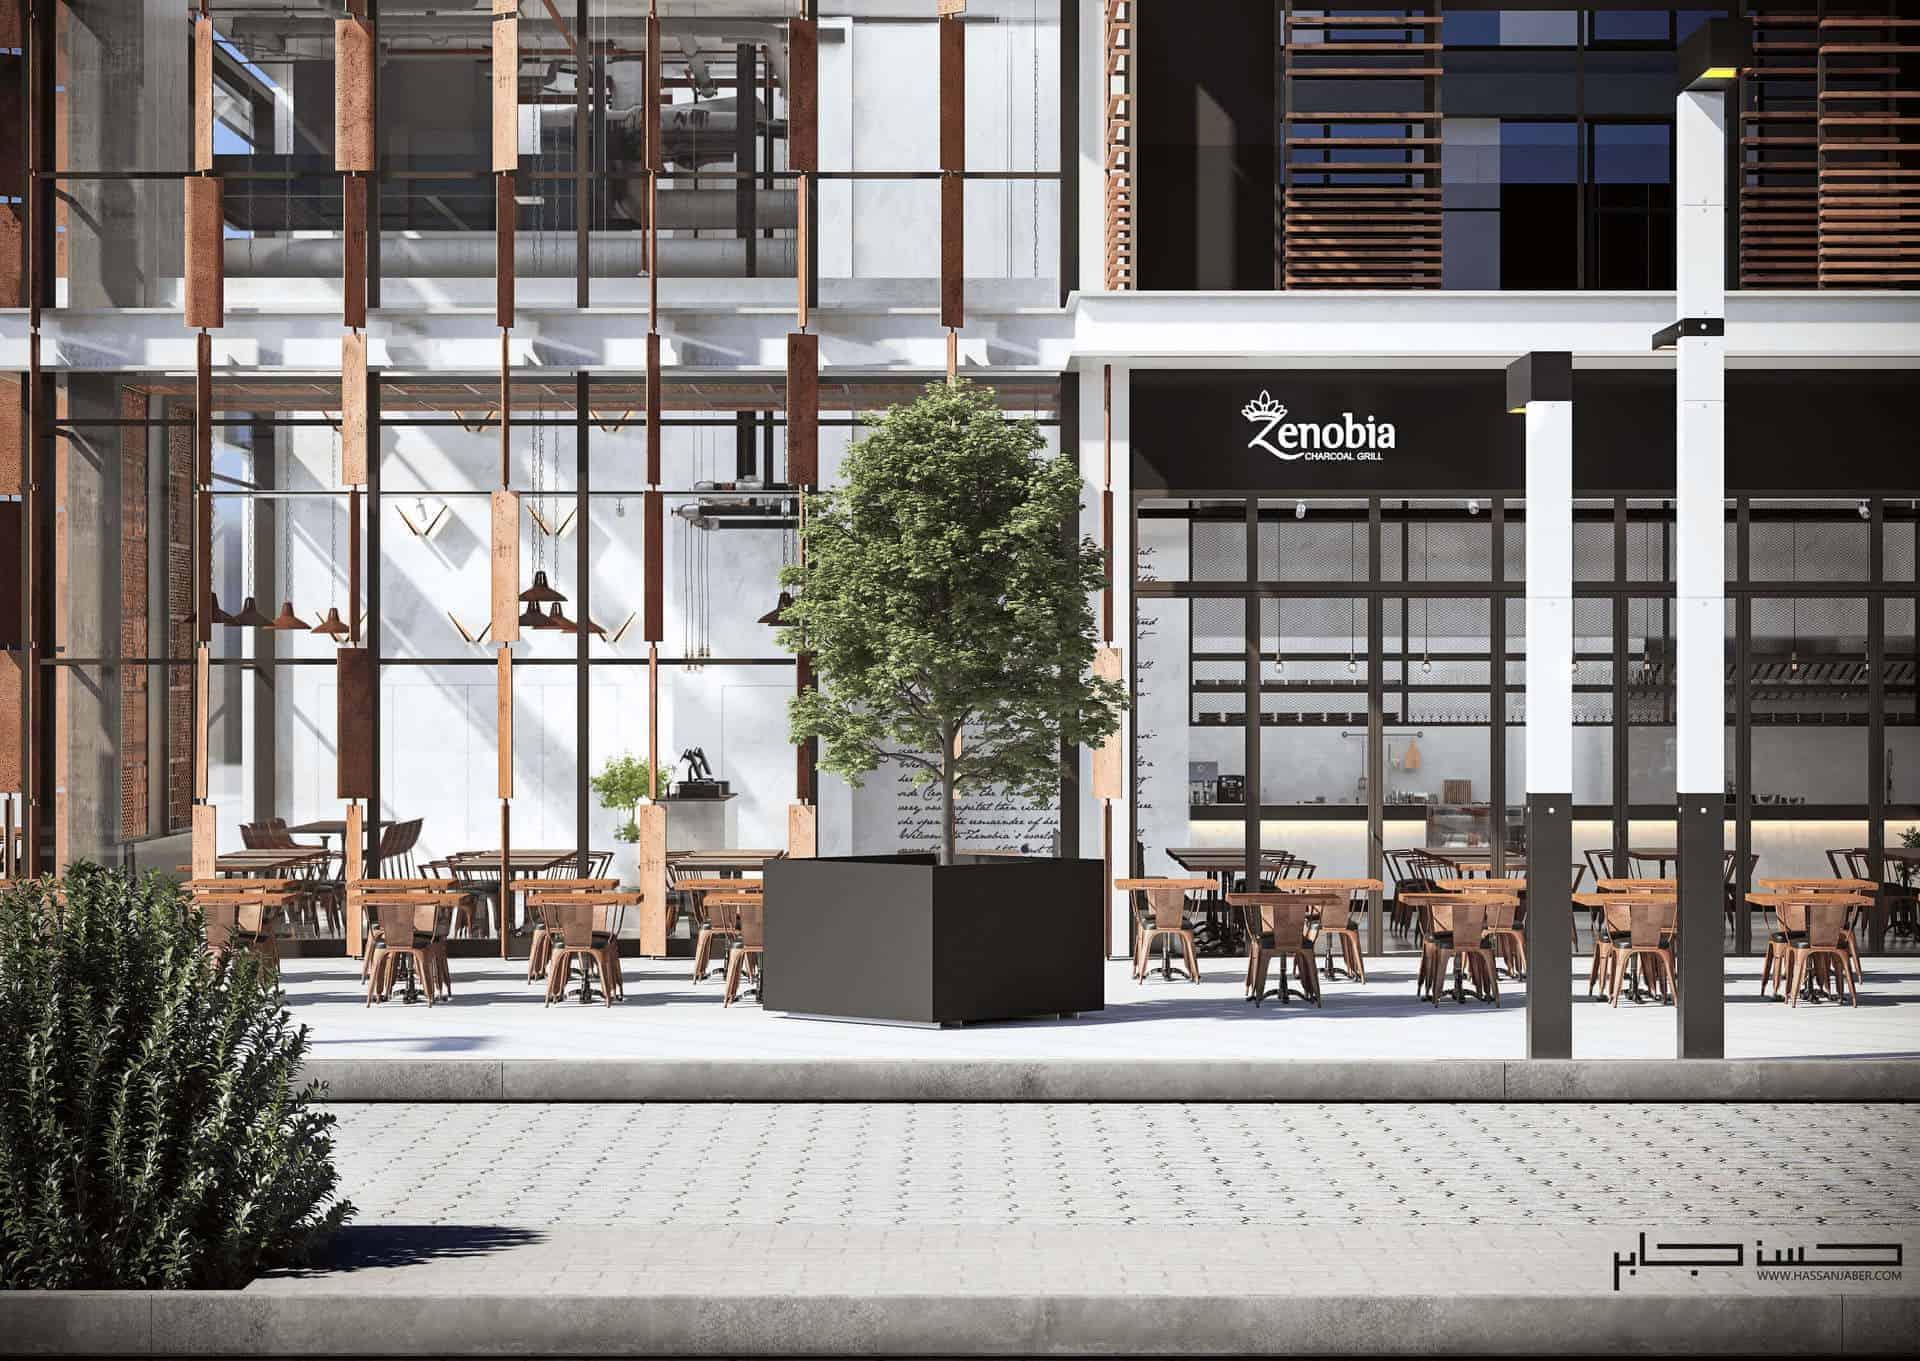 Industrial Restaurant Zenobia, Dubai